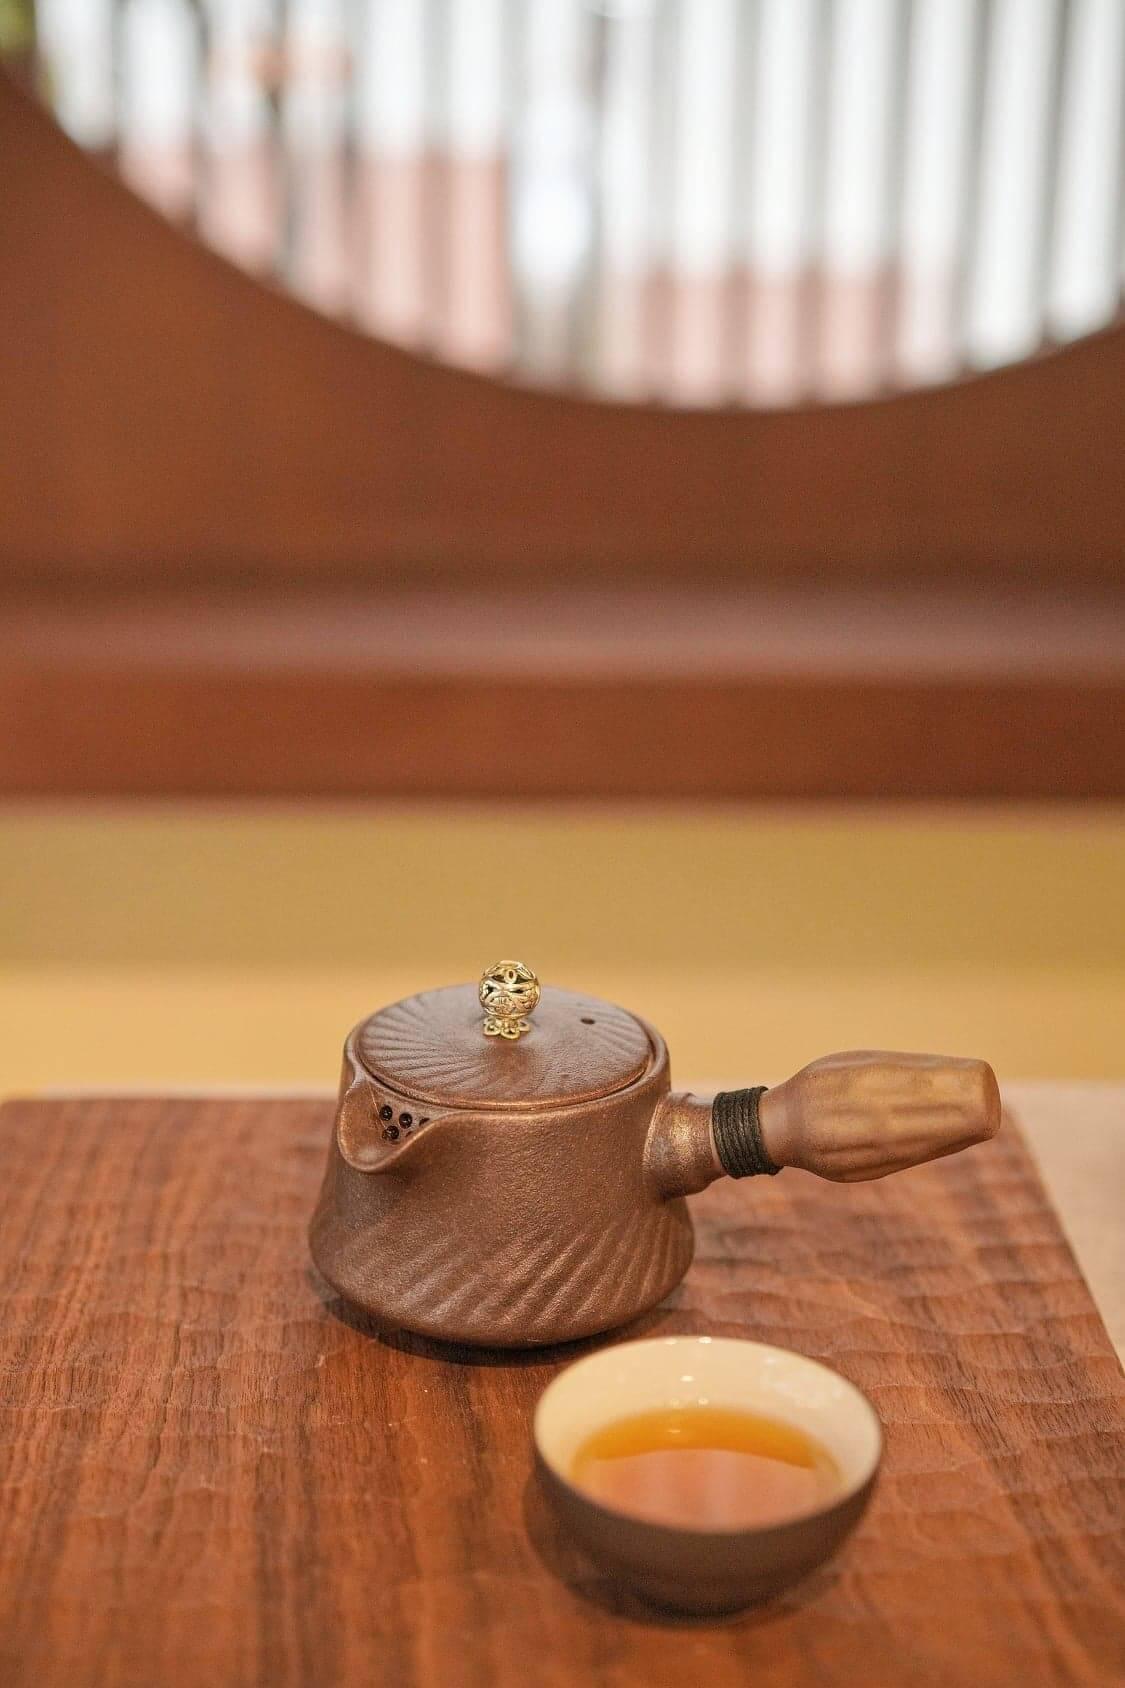 精緻小茶壺,盛載來自日本茶葉。